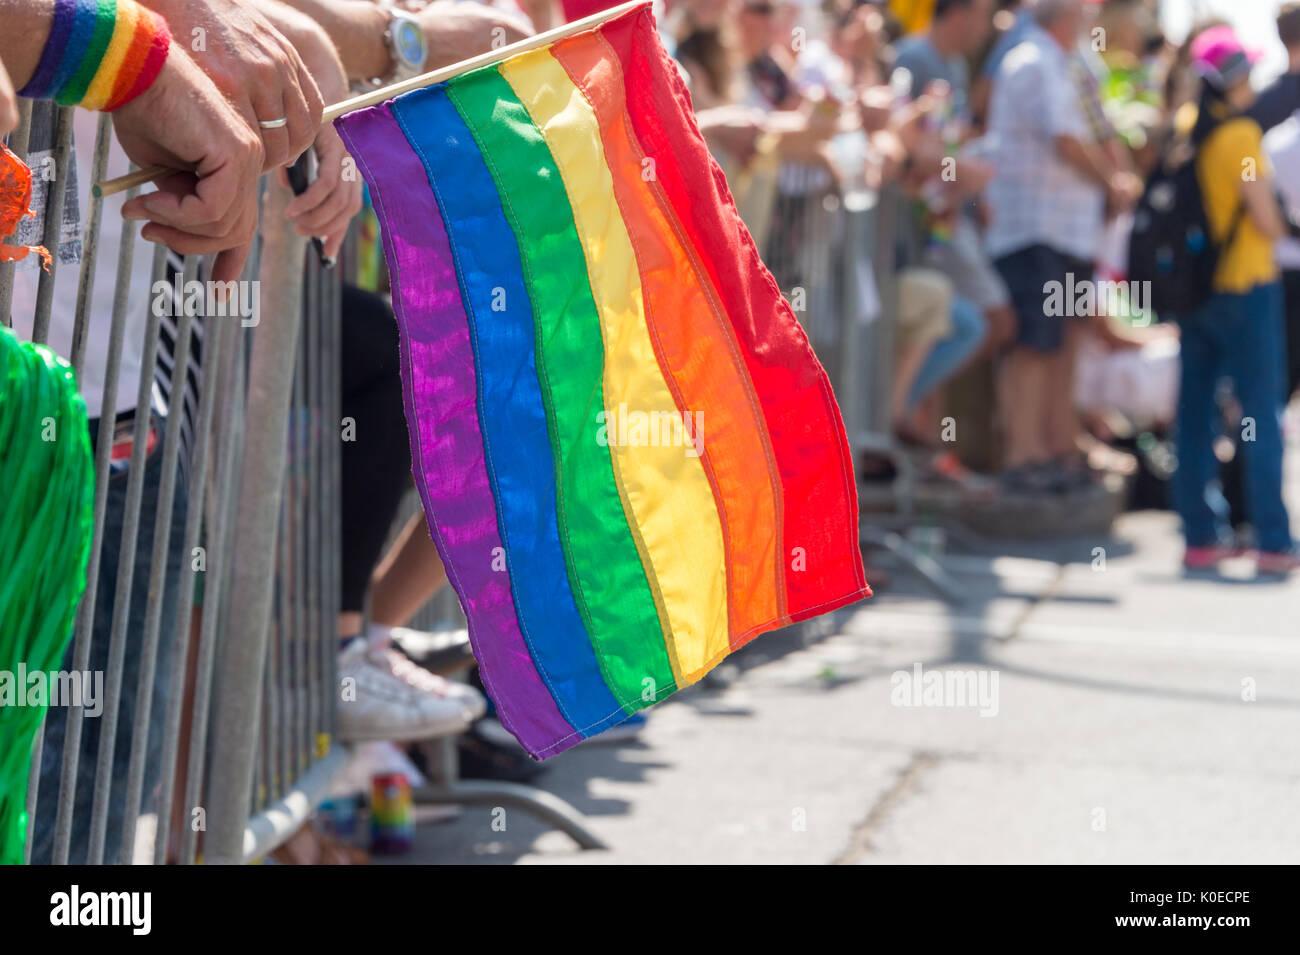 Montreal, Canadá - 20 de agosto de 2017: Gay la bandera del arco iris en Montreal desfile del orgullo gay con espectadores borrosa en el fondo Imagen De Stock